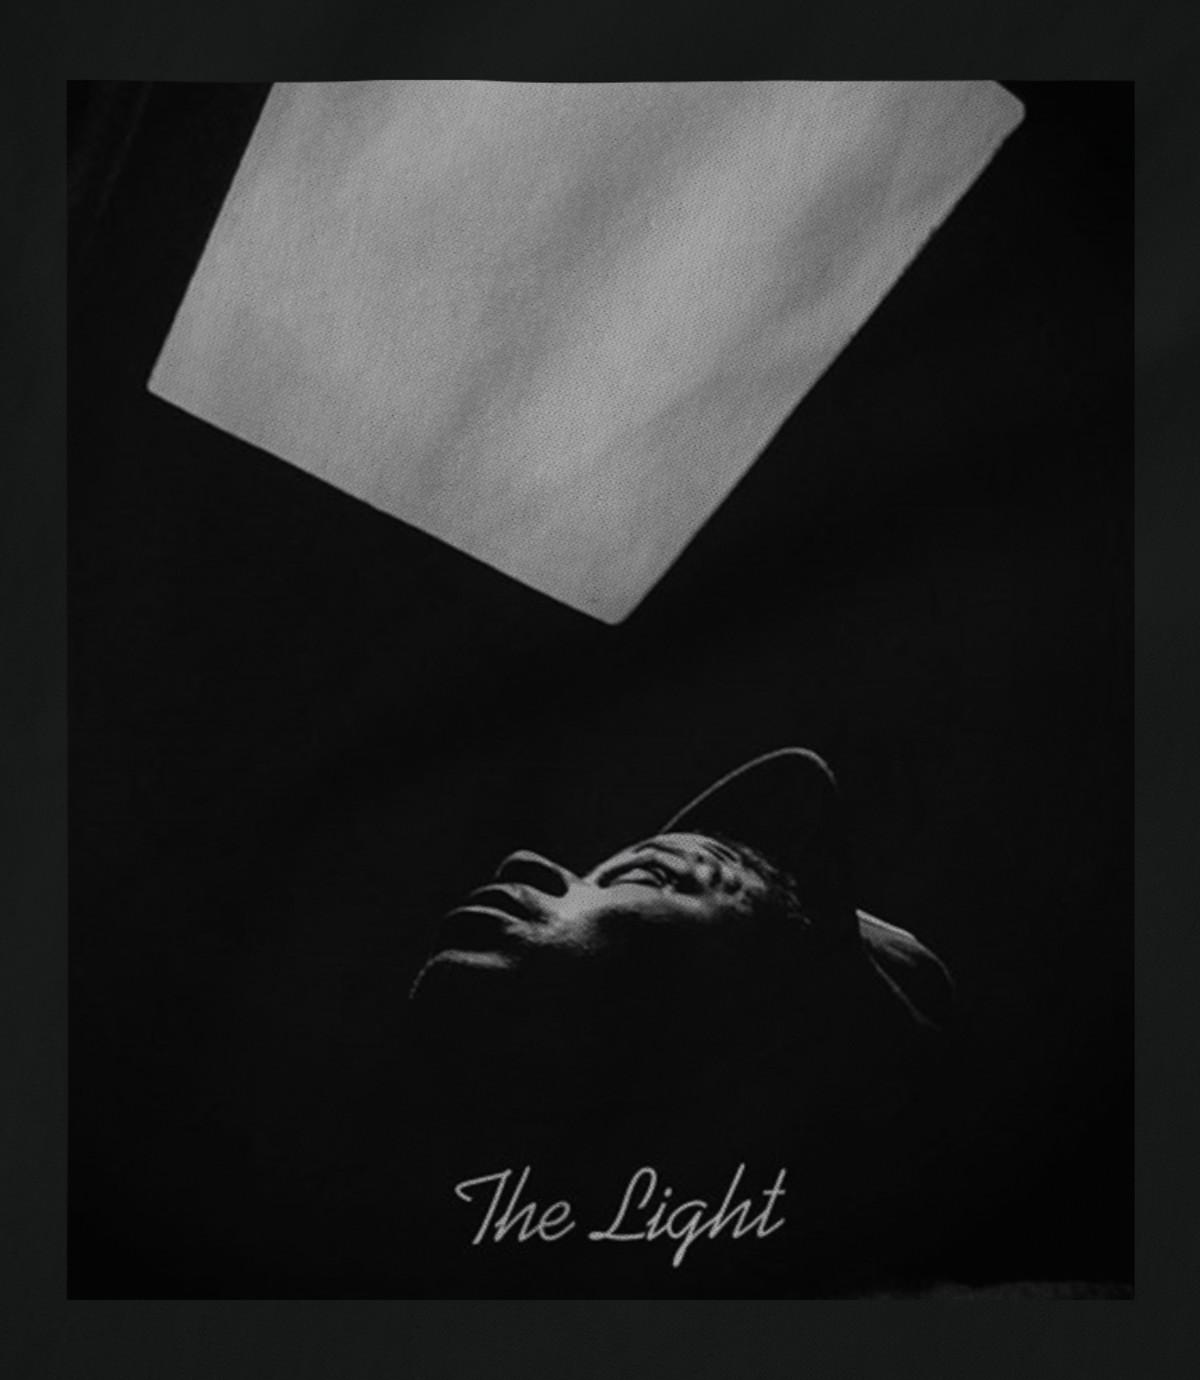 Kxng the light 1513359269